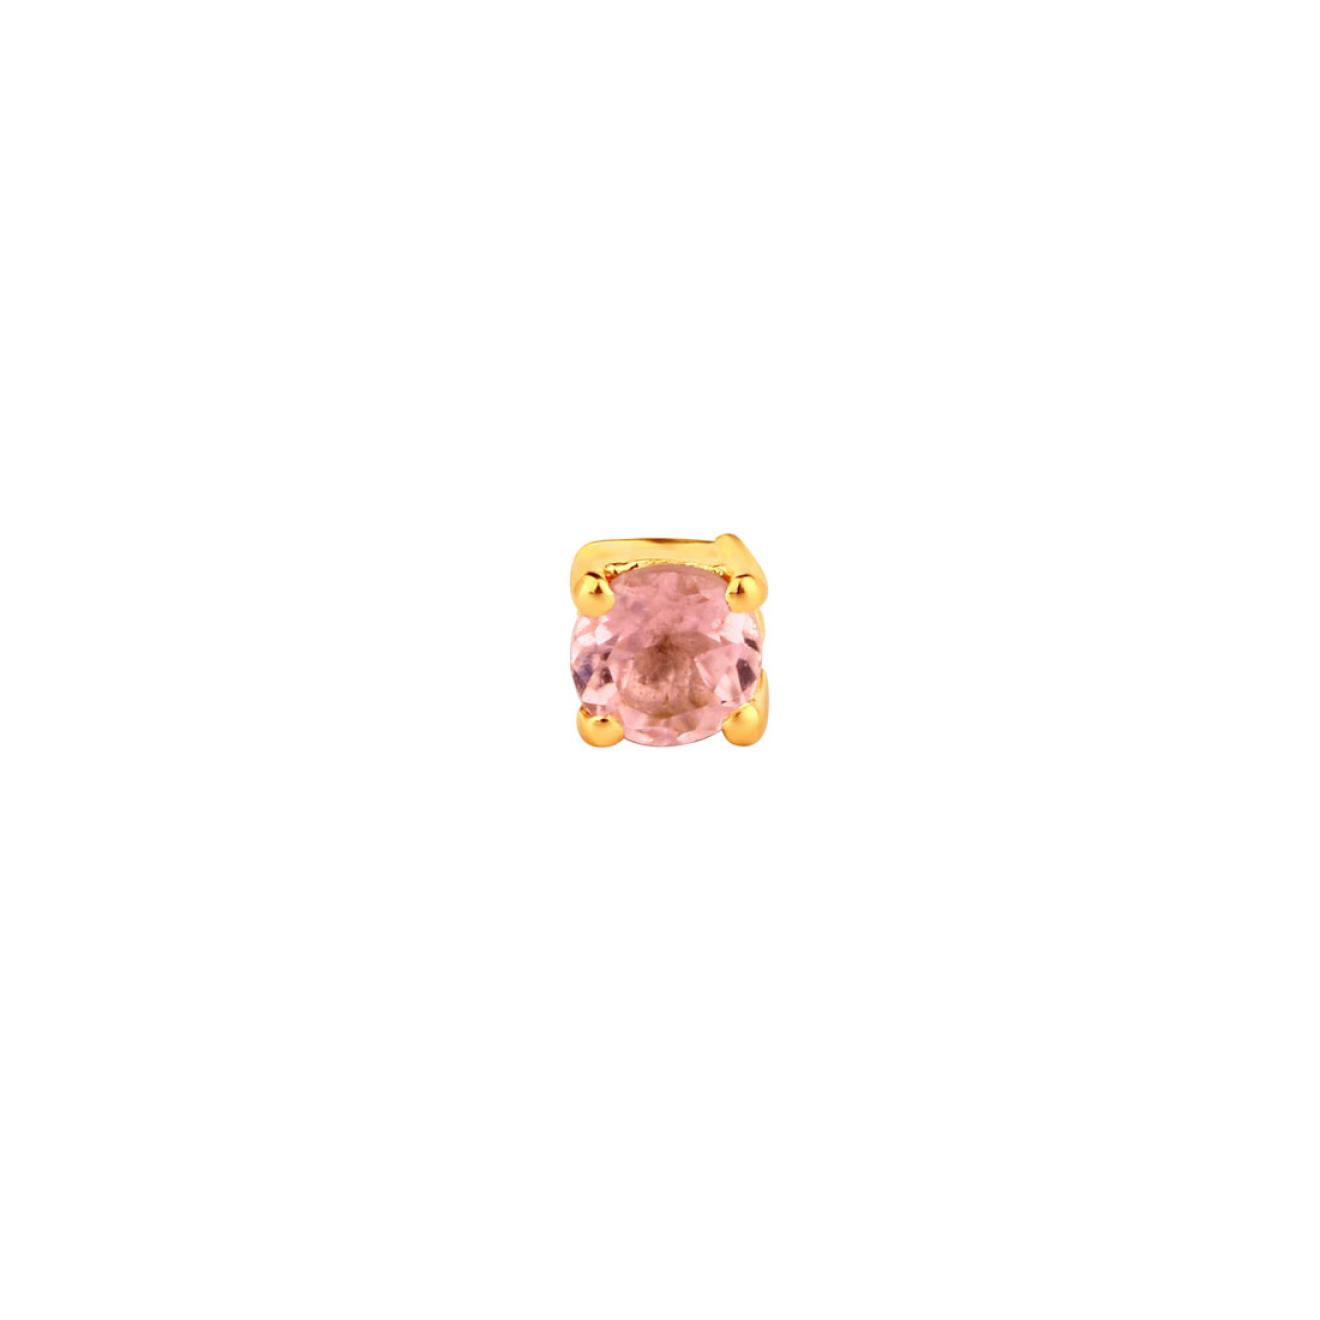 LAV'Z Позолоченная моносерьга из серебра с круглым сапфиром, из коллекции Nebula lav z позолоченная моносерьга звено из коллекции nebula lav z